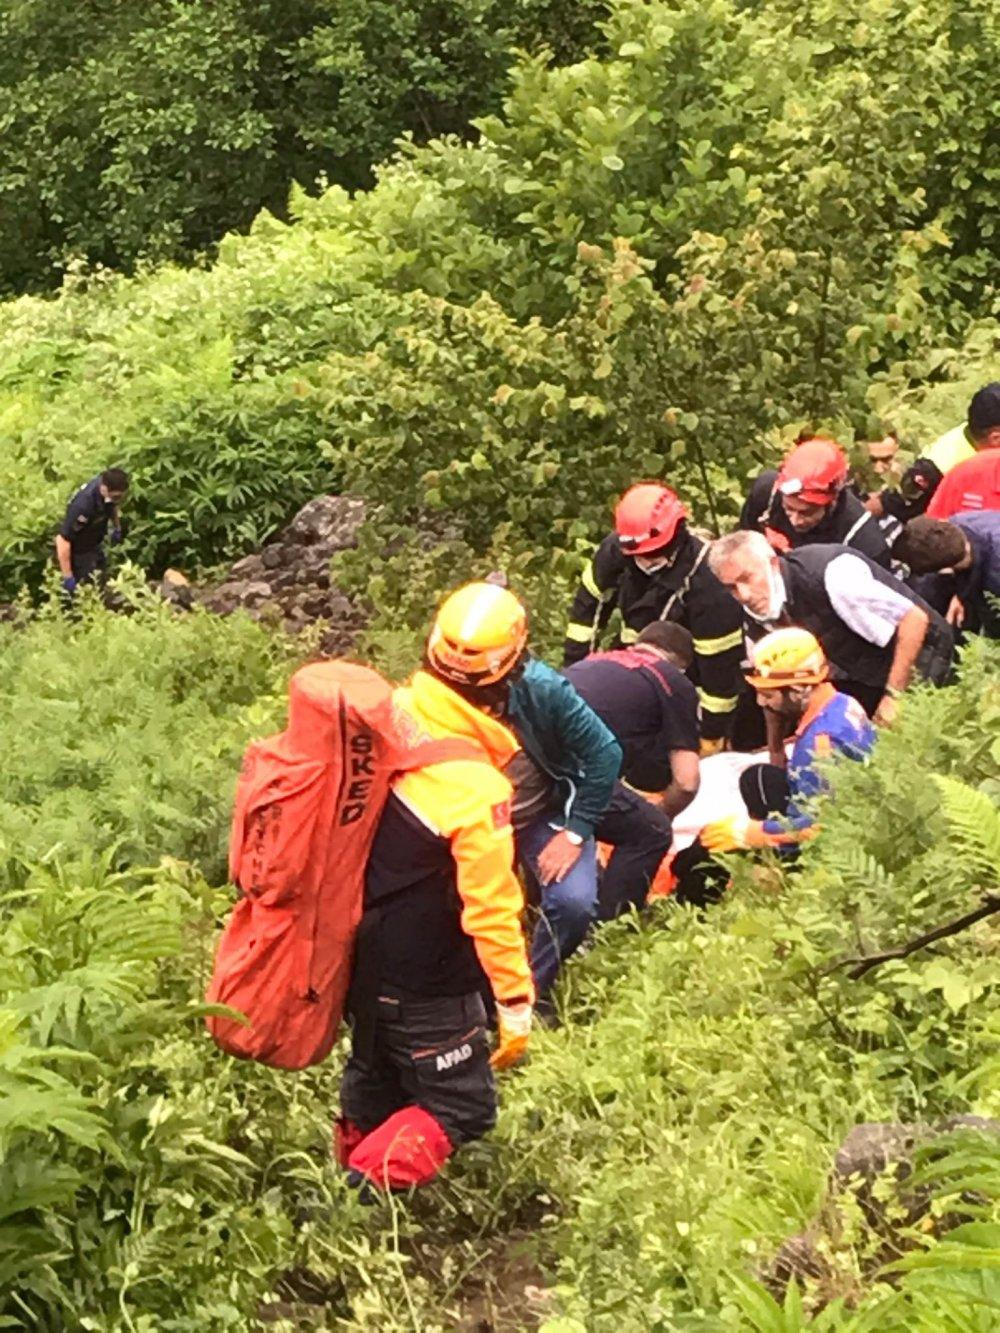 Trabzon'da kamyonet uçuruma devrildi: 1 ölü